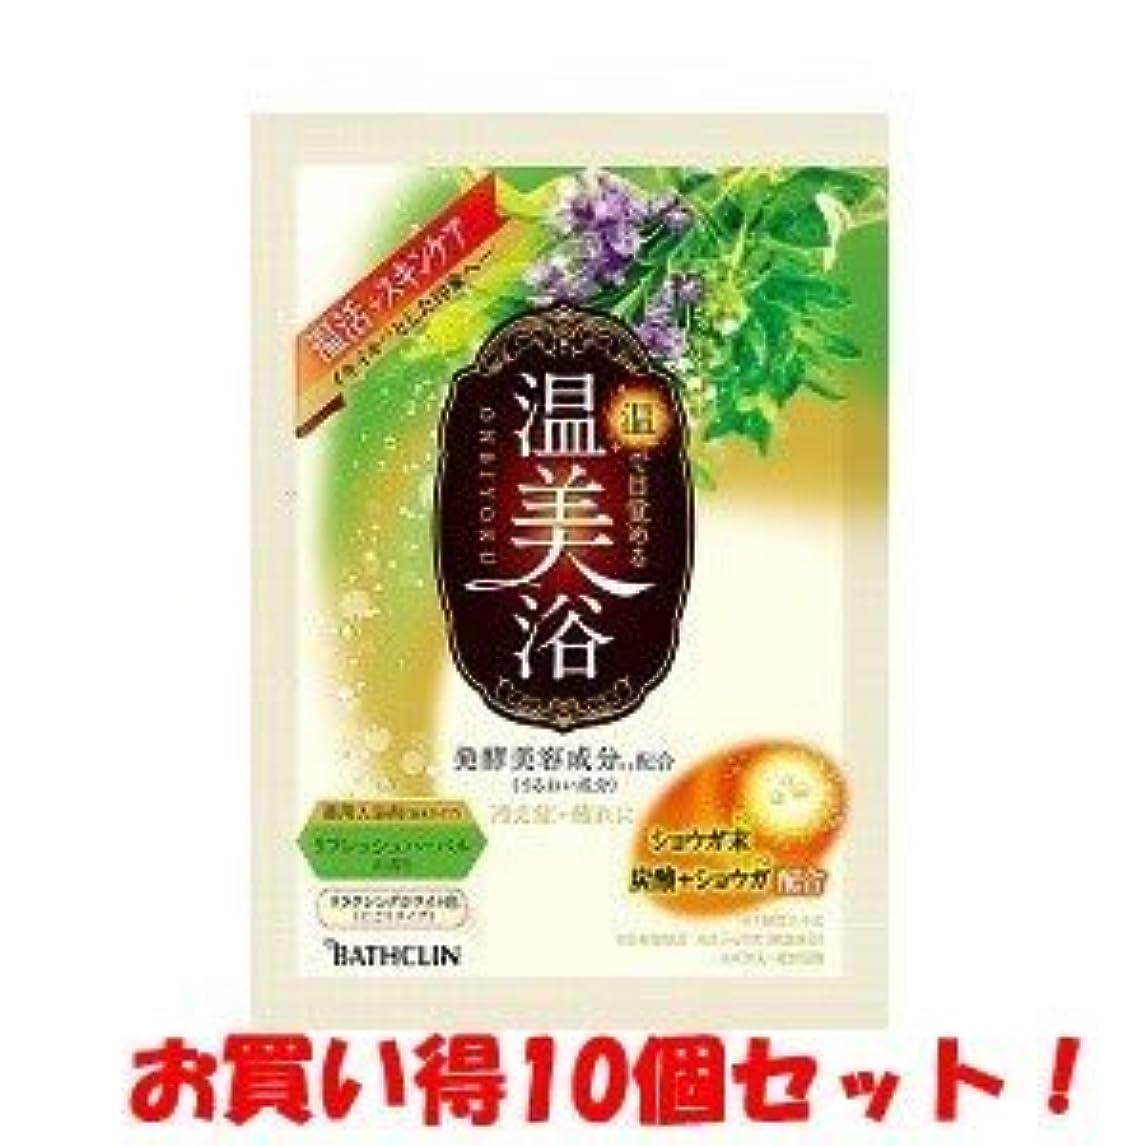 優先目を覚ますハイランド(バスクリン)温美浴 リフレッシュハーバルの香り 40g(医薬部外品)(お買い得10個セット)